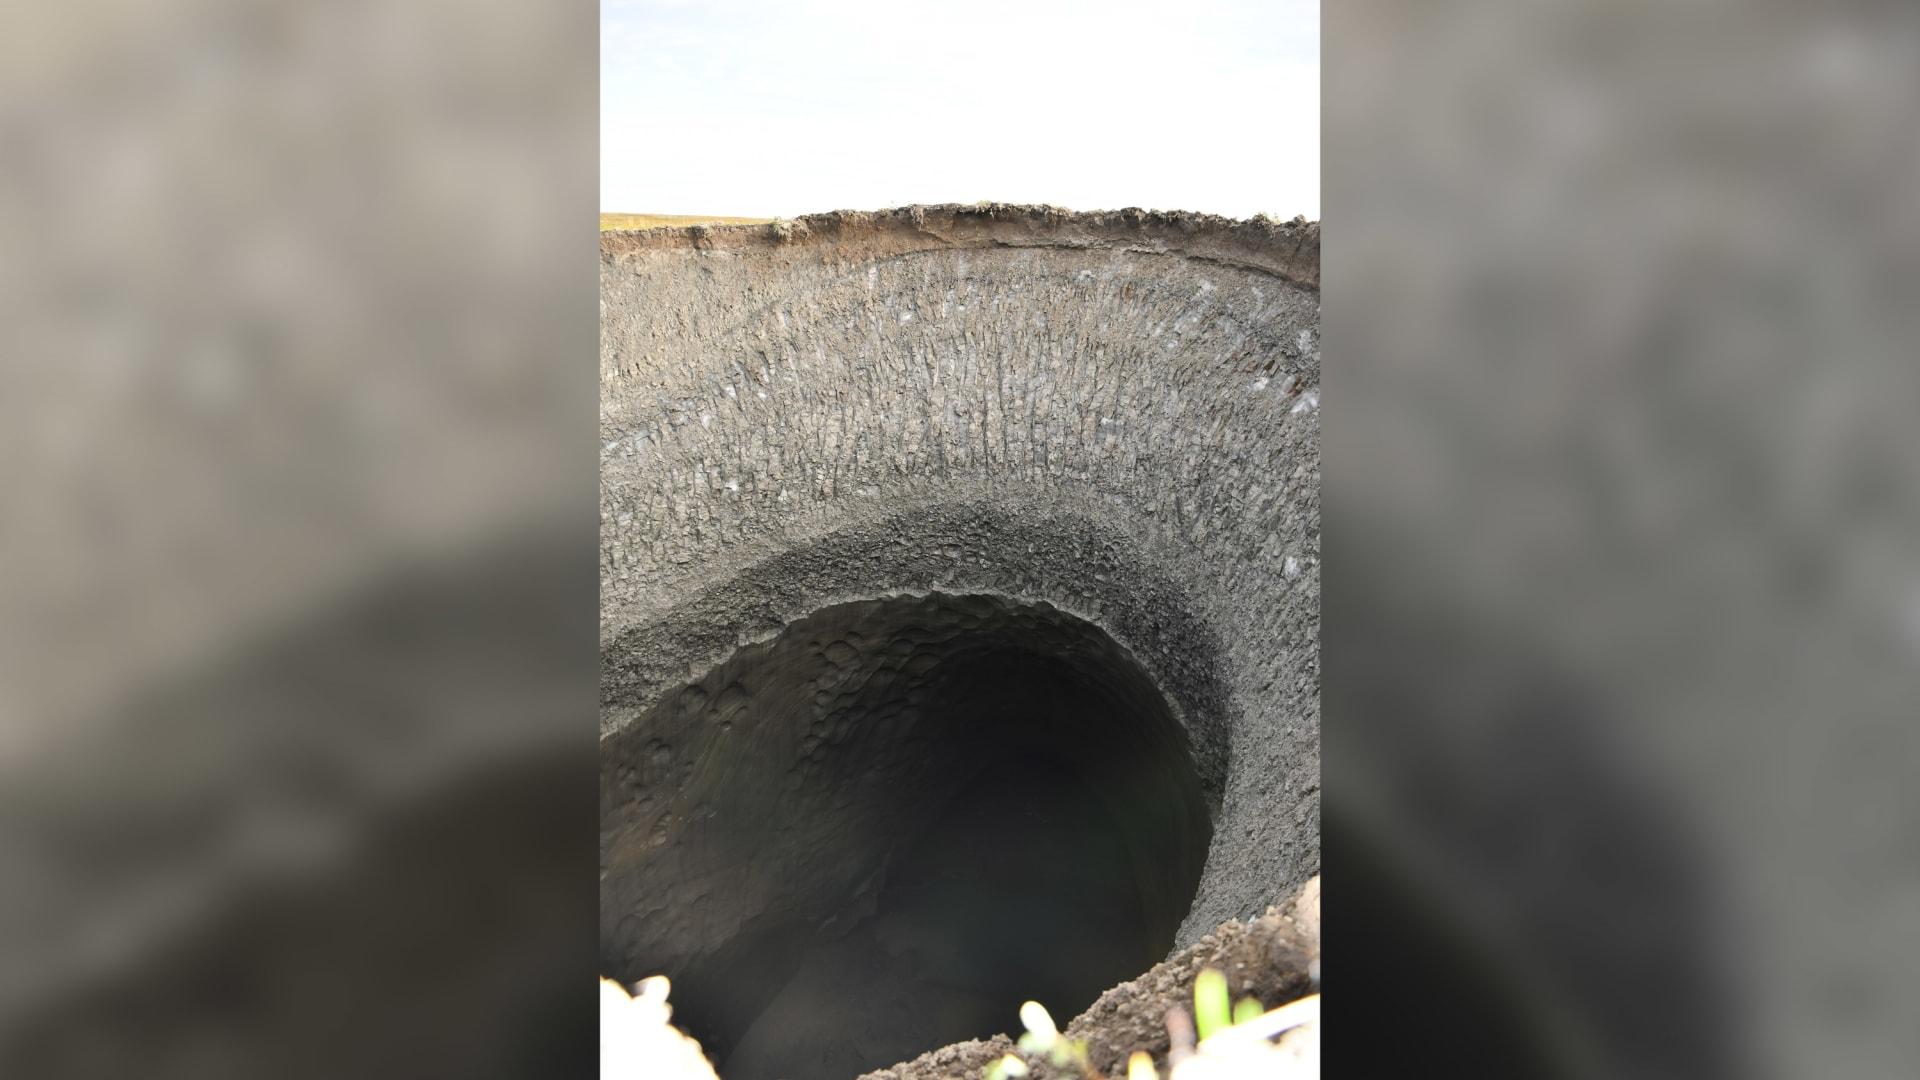 بدأت بالظهور منذ 2013.. علماء يفكون الألغاز وراء الحفر الهائلة التي ظهرت في أراضي سيبيريا